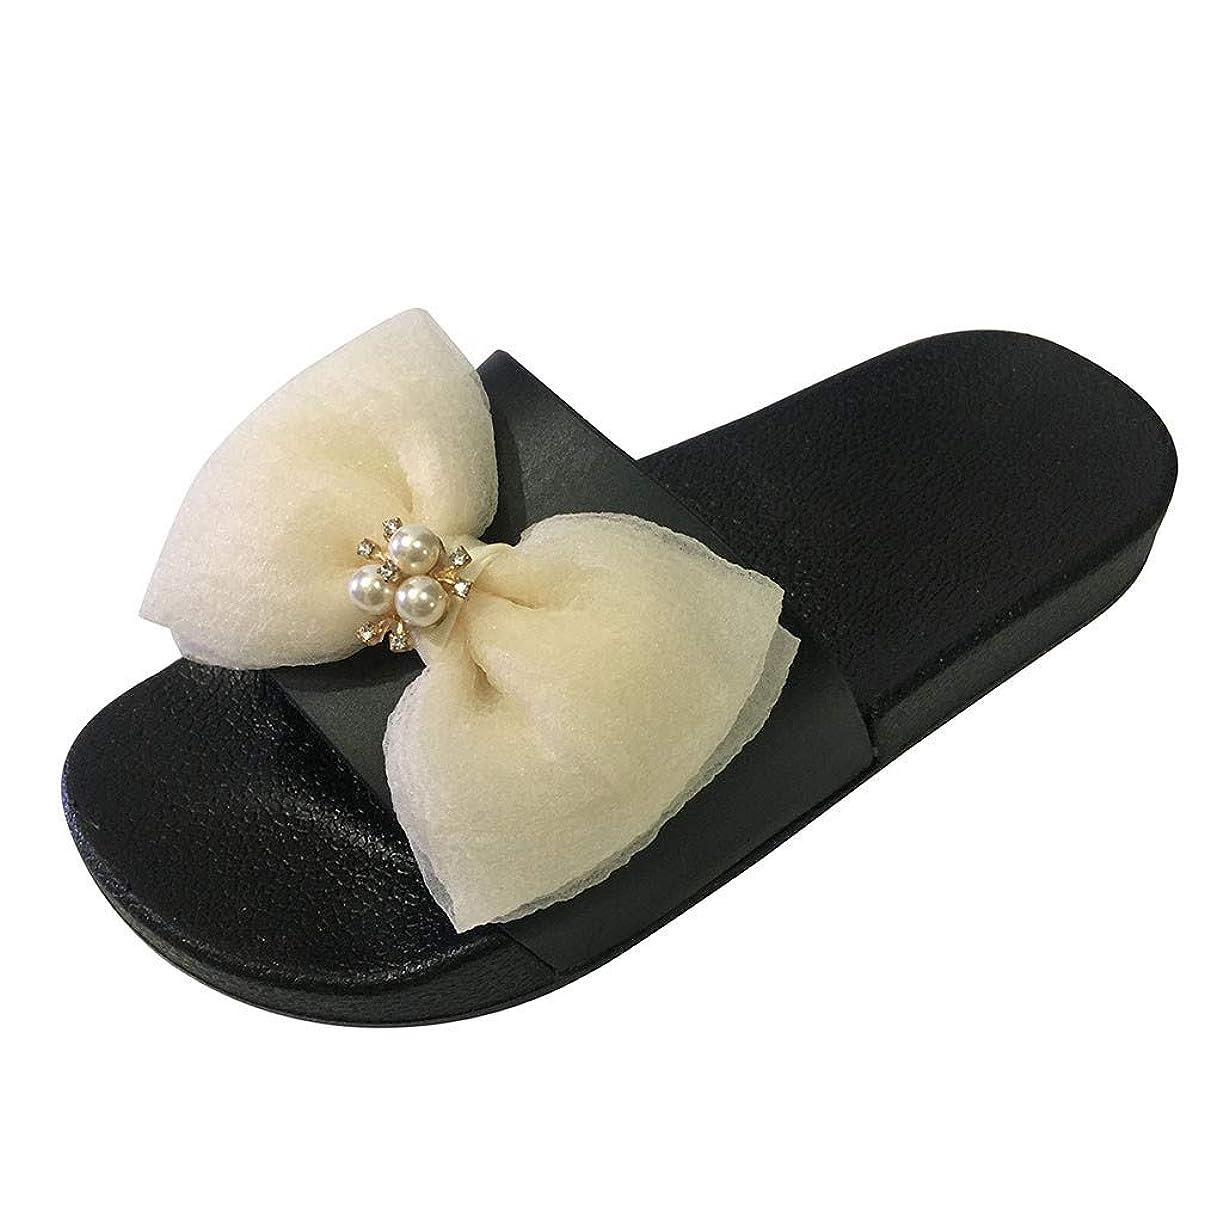 援助六月不満幸運な太陽 レディース スリッパ シューズ ローヒール 厚底 2cmヒール 弓 ラインストーン ビーチサンダル 婦人靴 室内履き 軽量 歩きやすい